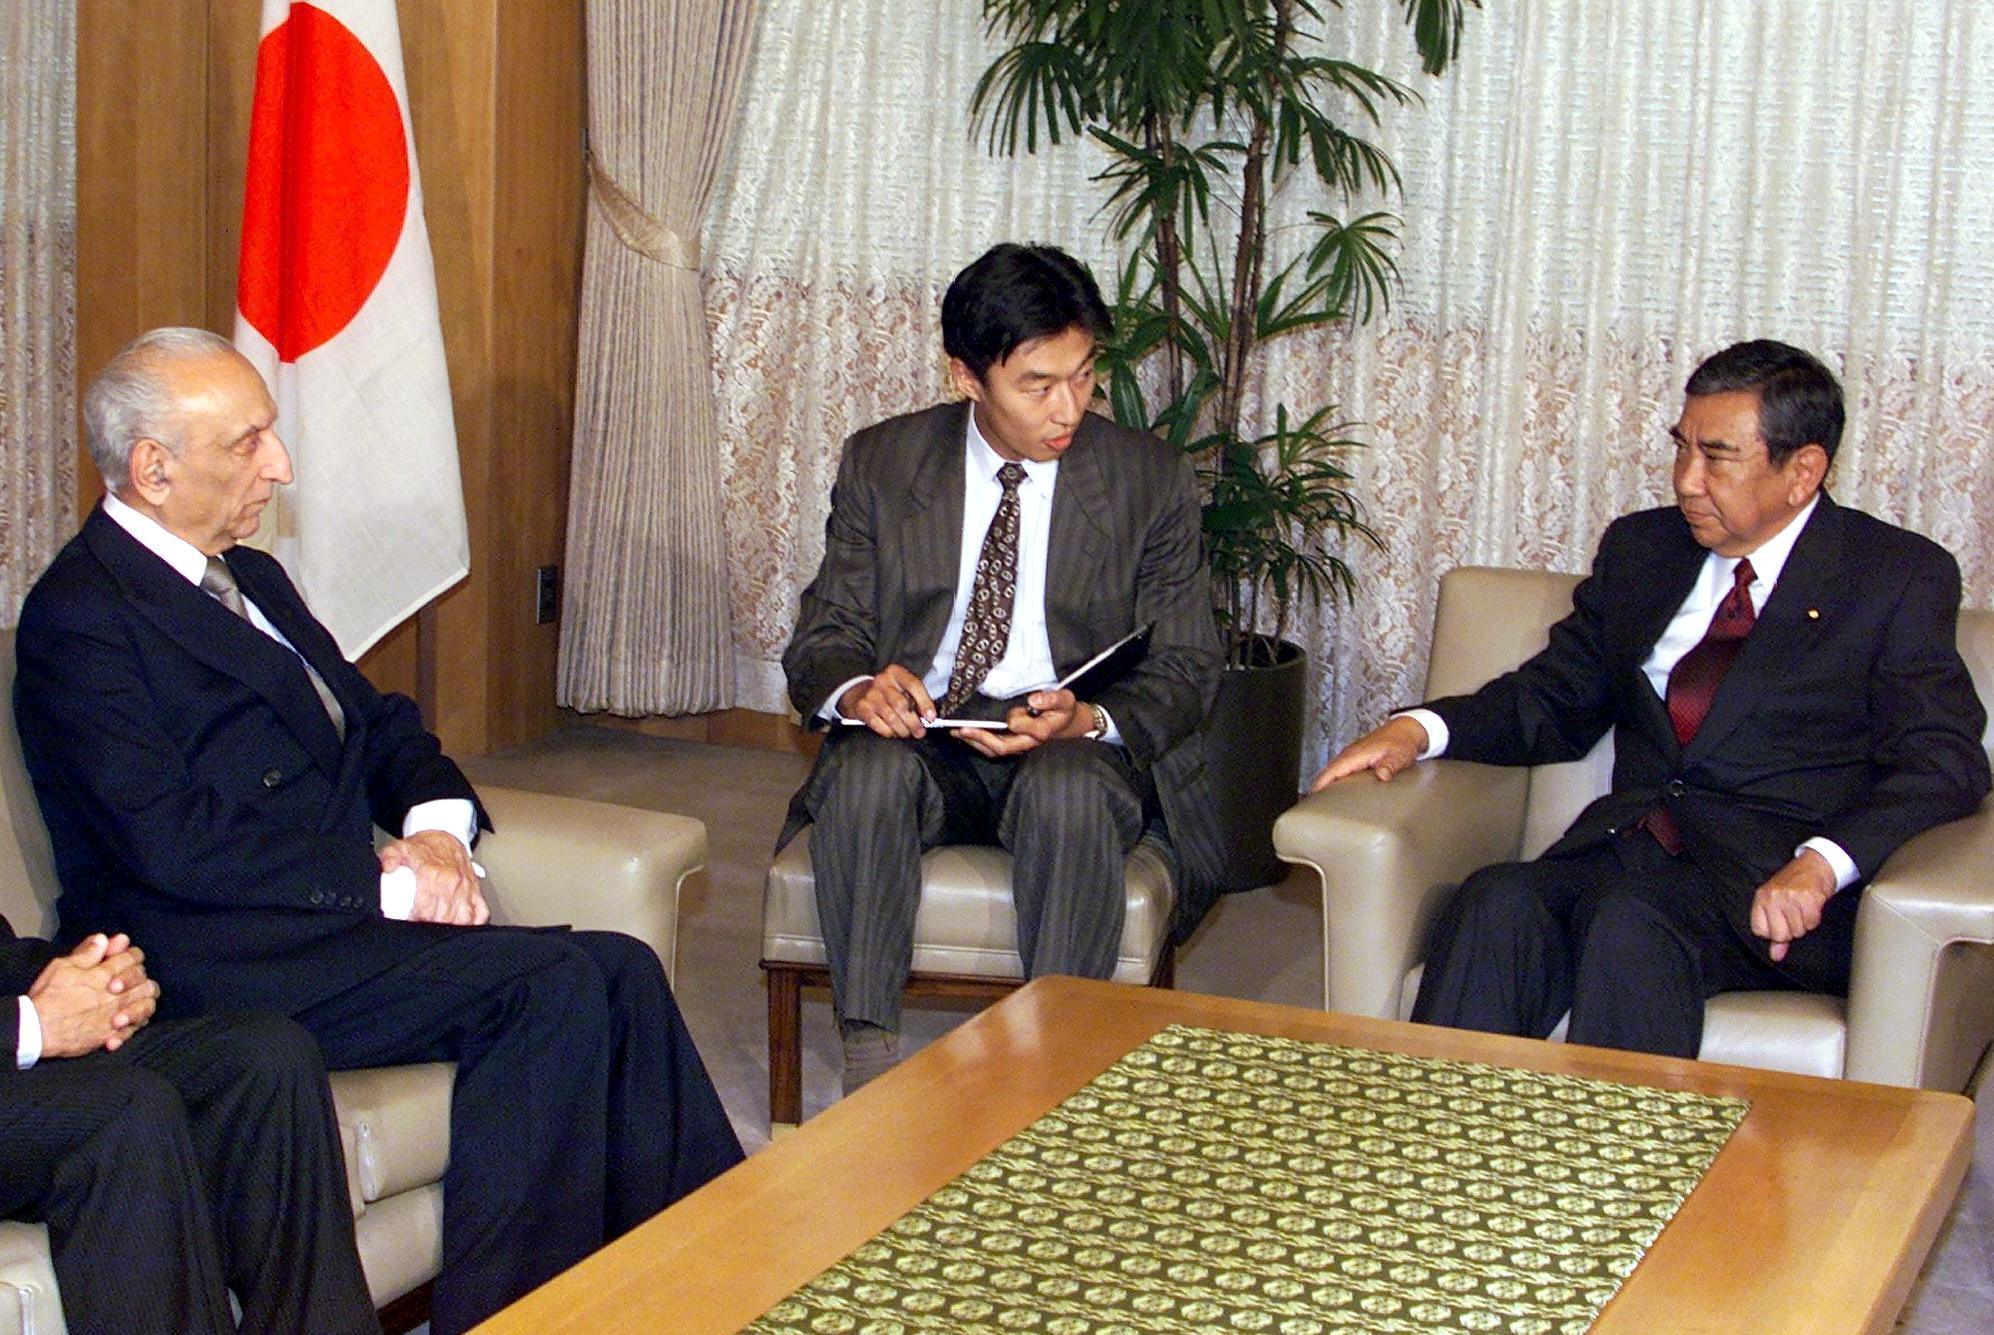 صاحبزاده يعقوب خان (يسارا) في اجتماع رسمي باليابان (1999)